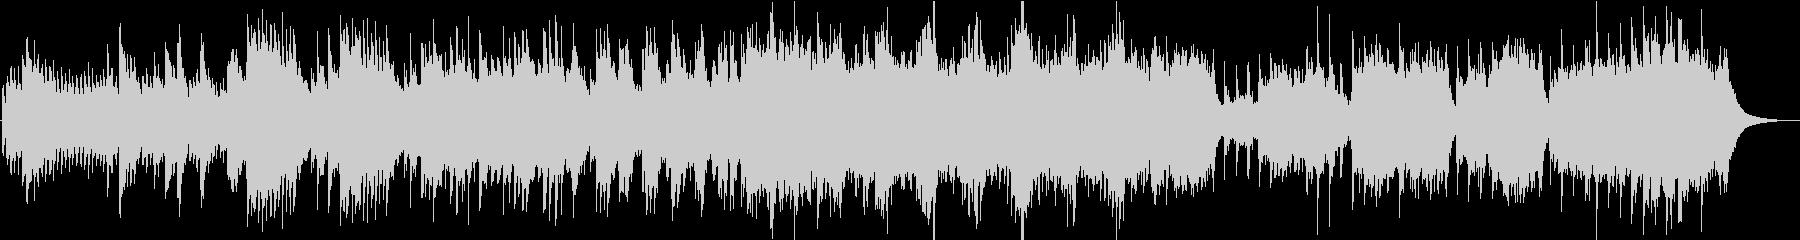 アラベスク第1番 オルゴールオーケストラの未再生の波形